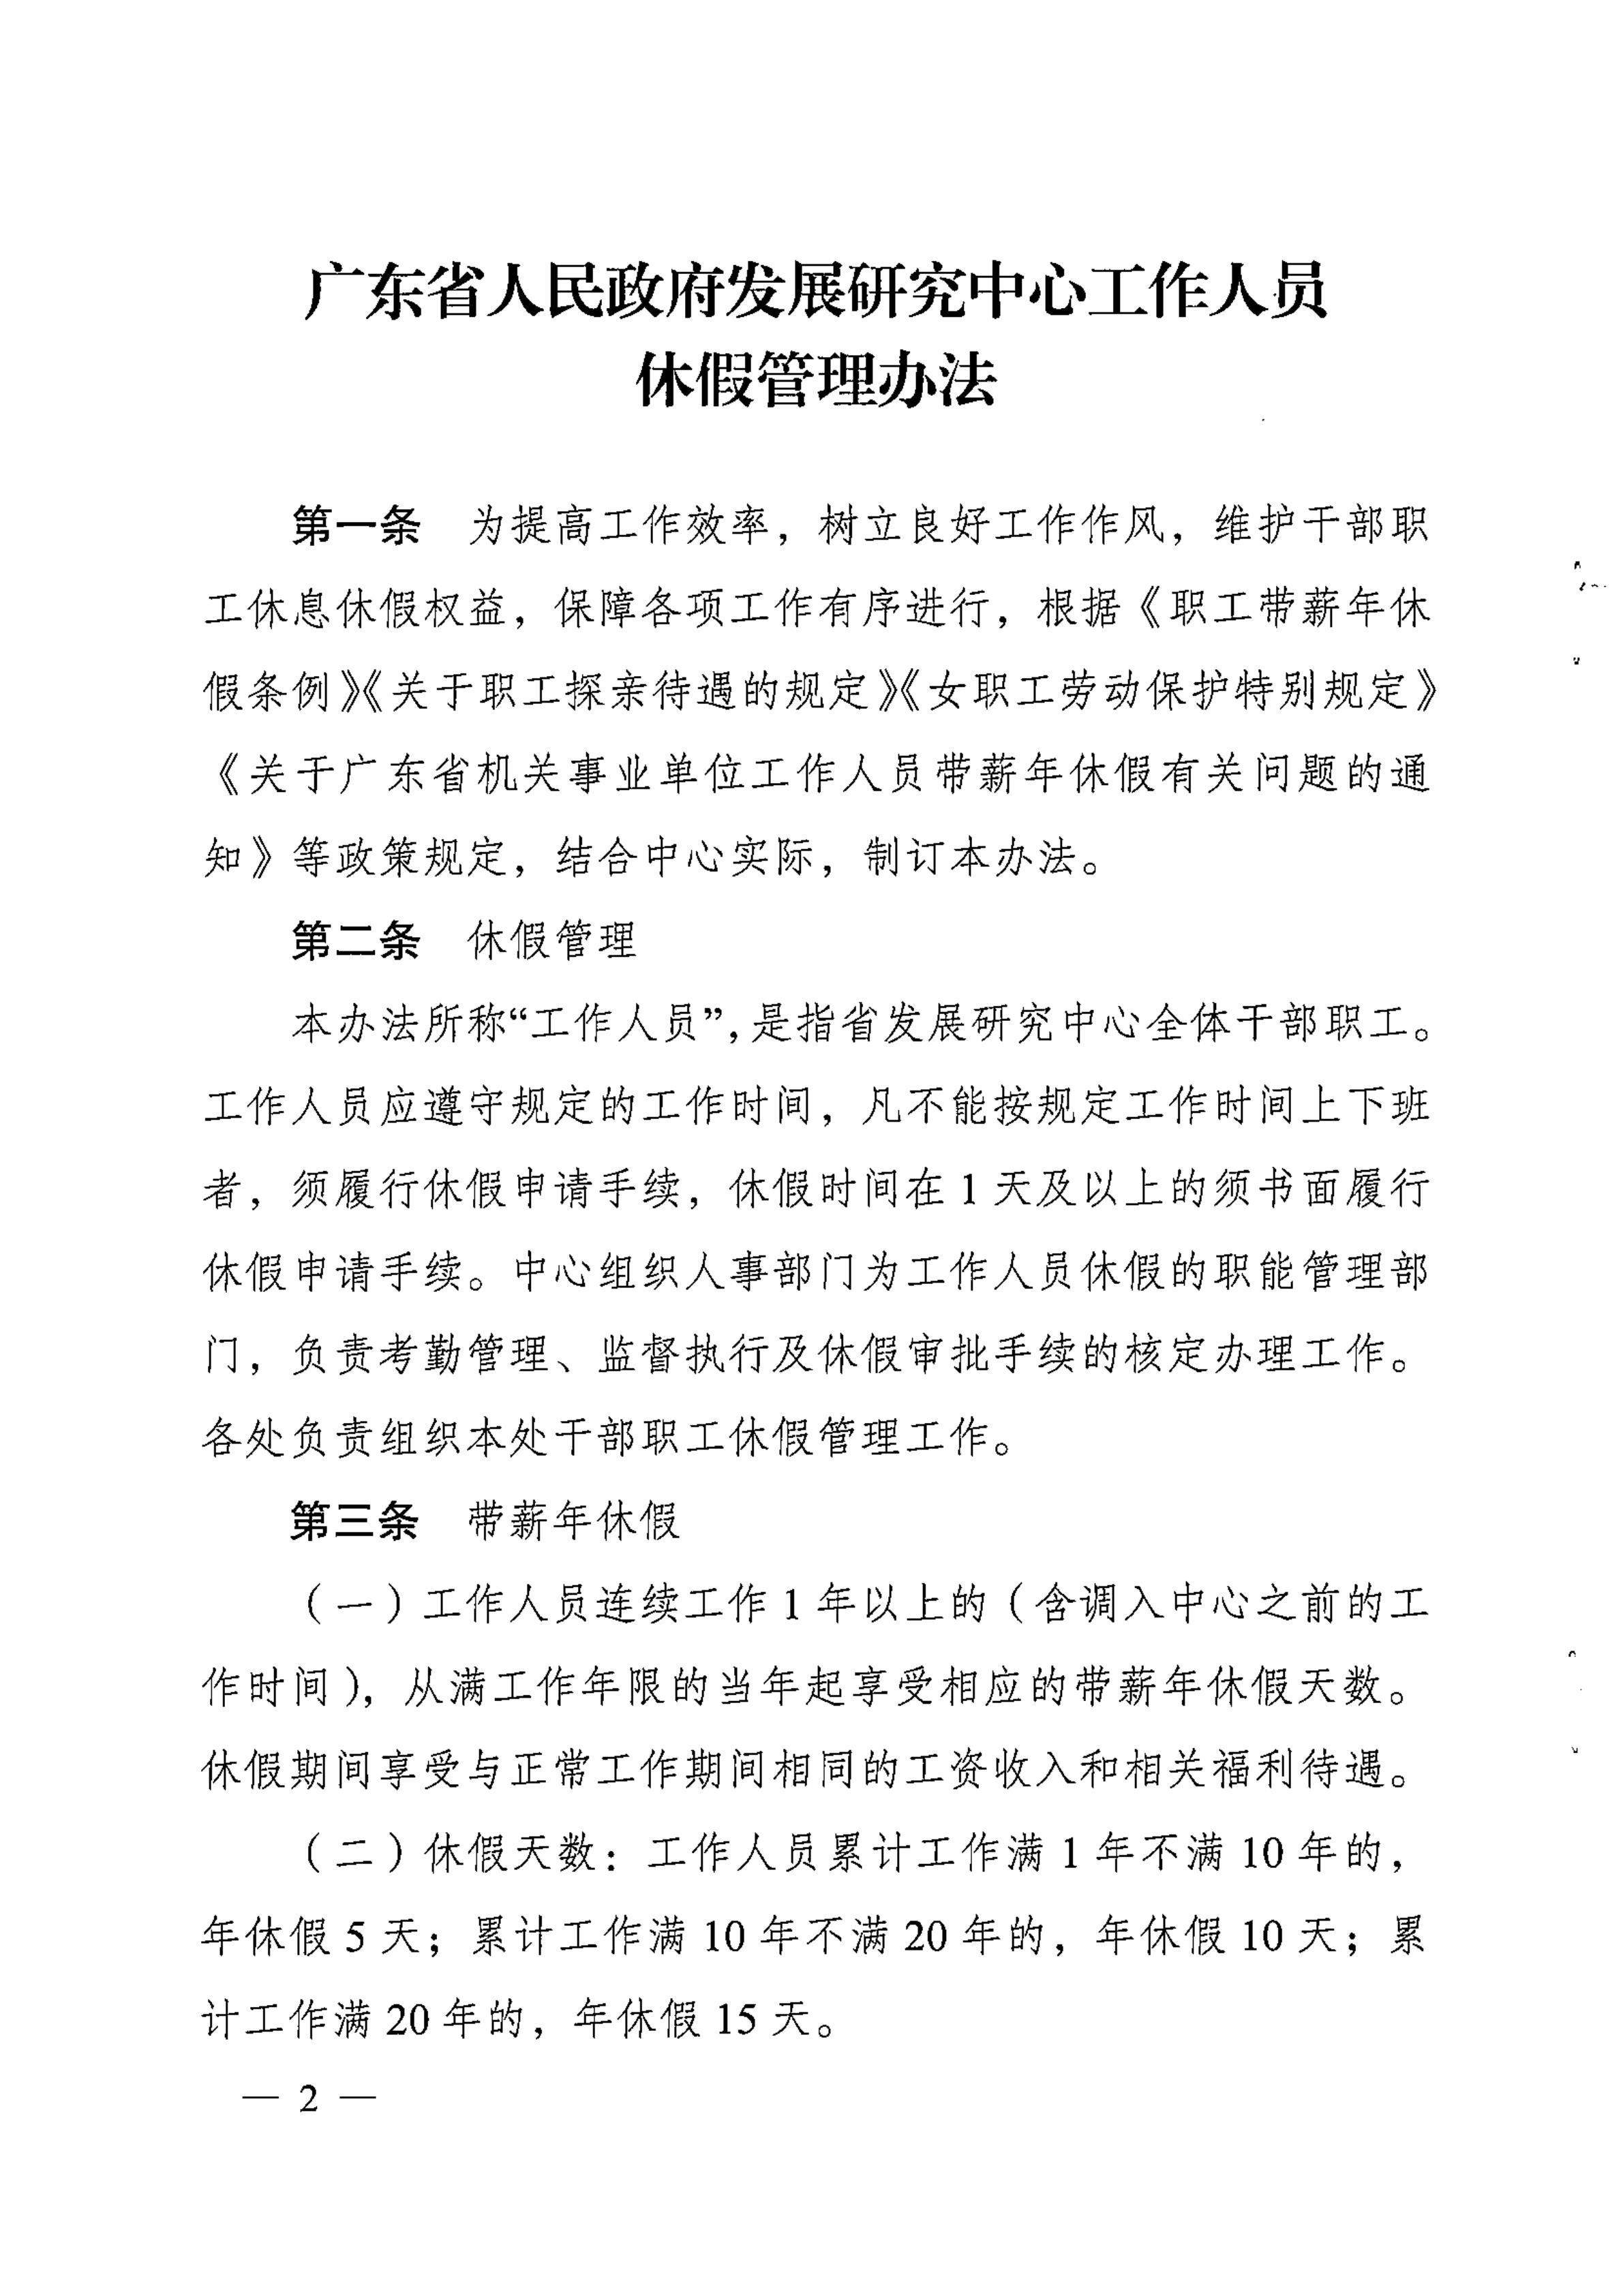 关于印发《广东省人民政府发展研究中心工作人员休假管理办法》的通知_01.jpg